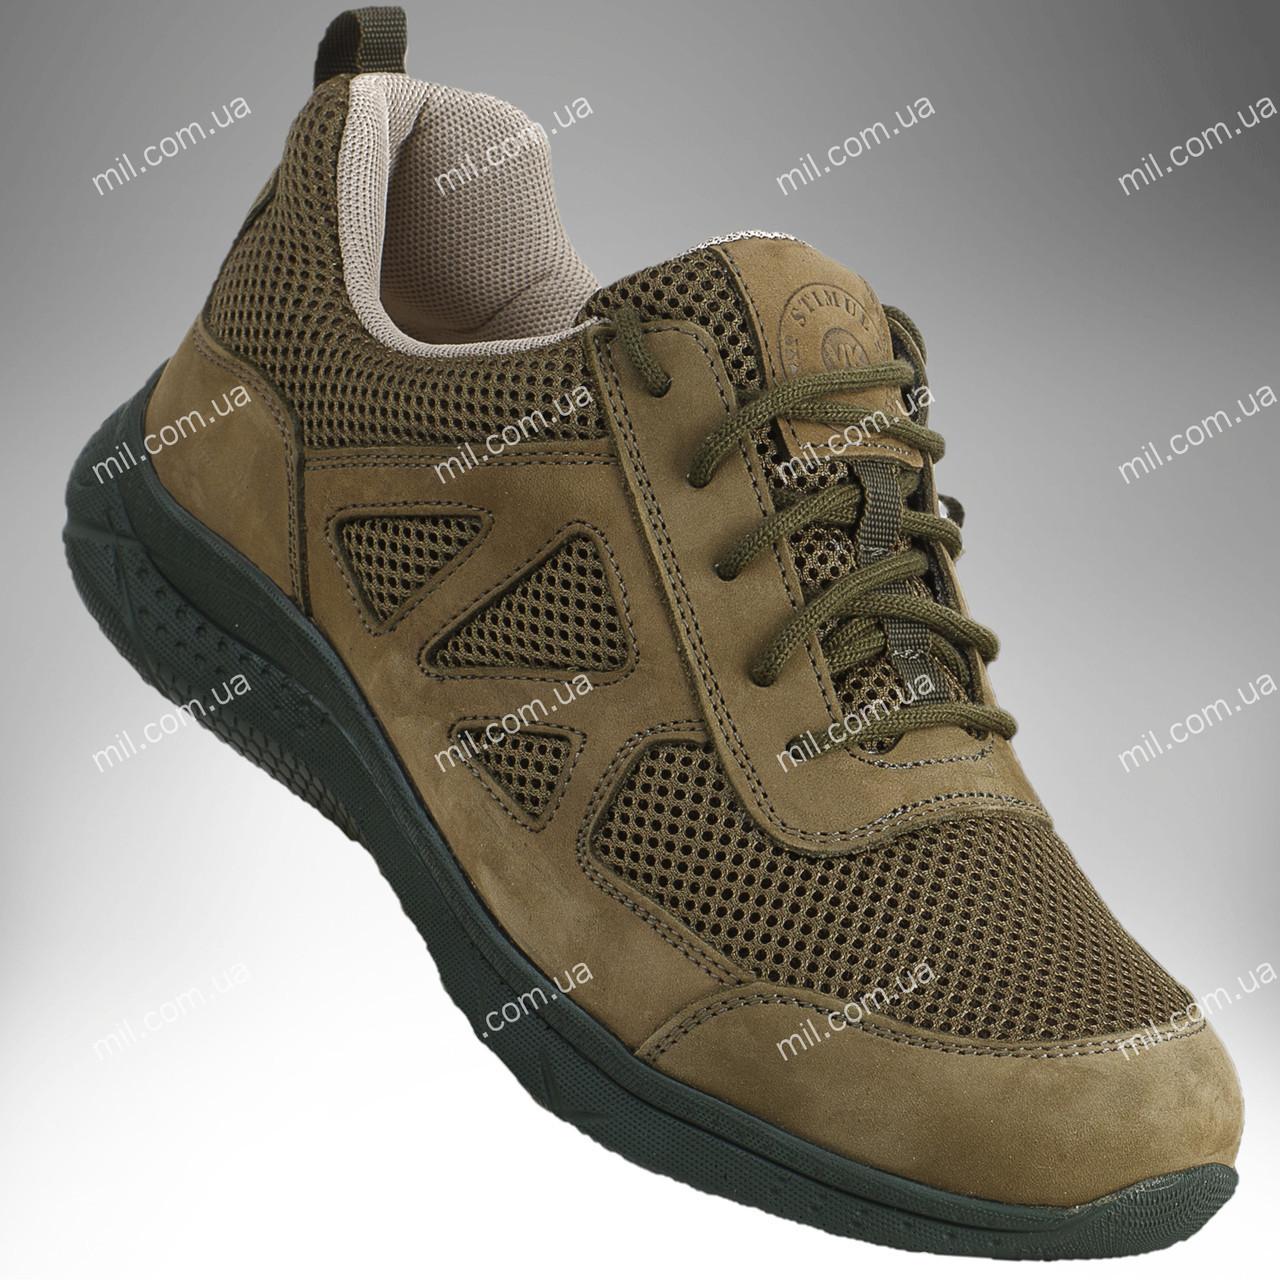 Тактические летние кроссовки / военная обувь, армейская спецобувь ENIGMA Stimul  Stimul (олива)